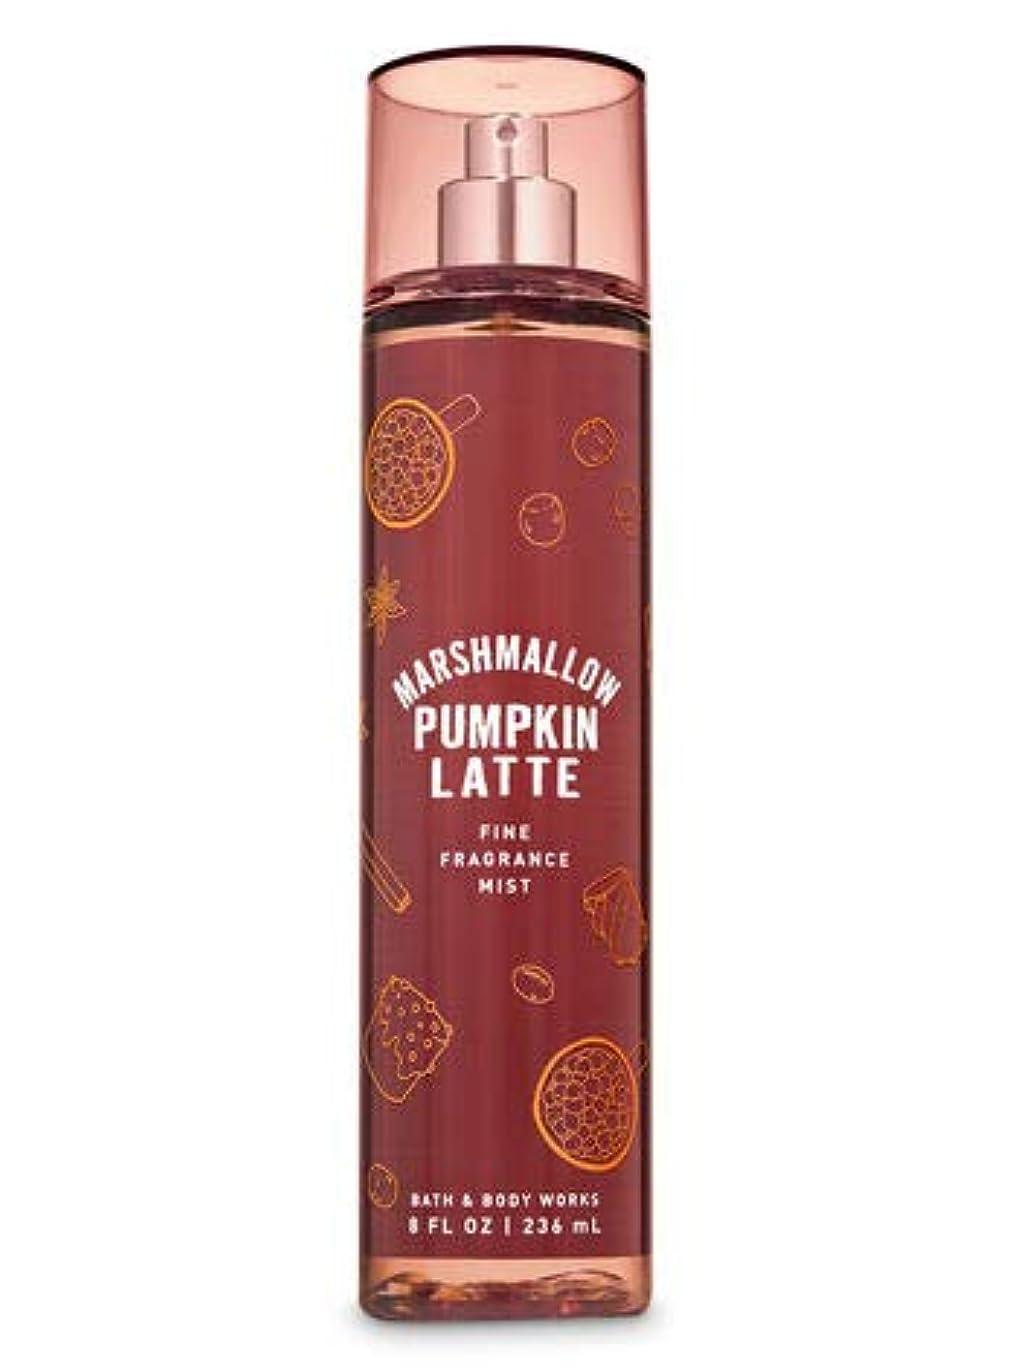 メイエラにもかかわらず松明【Bath&Body Works/バス&ボディワークス】 ファインフレグランスミスト マシュマロパンプキンラテ Fine Fragrance Mist Marshmallow Pumpkin Latte 8oz (236ml) [並行輸入品]